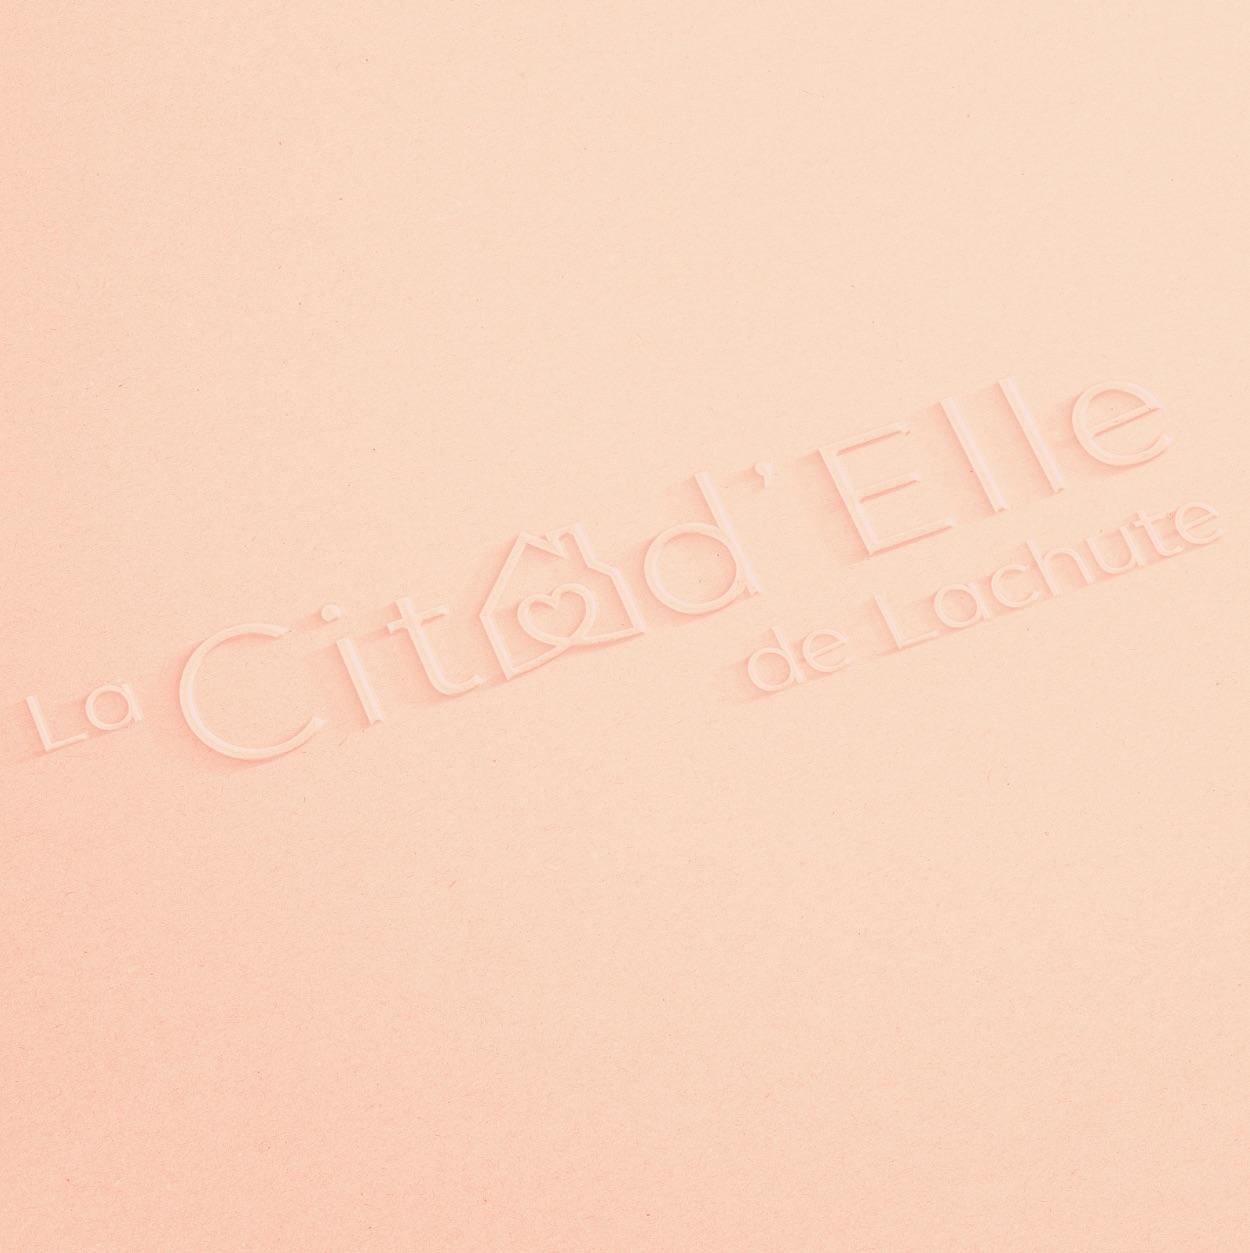 Logo féminin   Typographique linéaire   Citad'Elle de Lachute